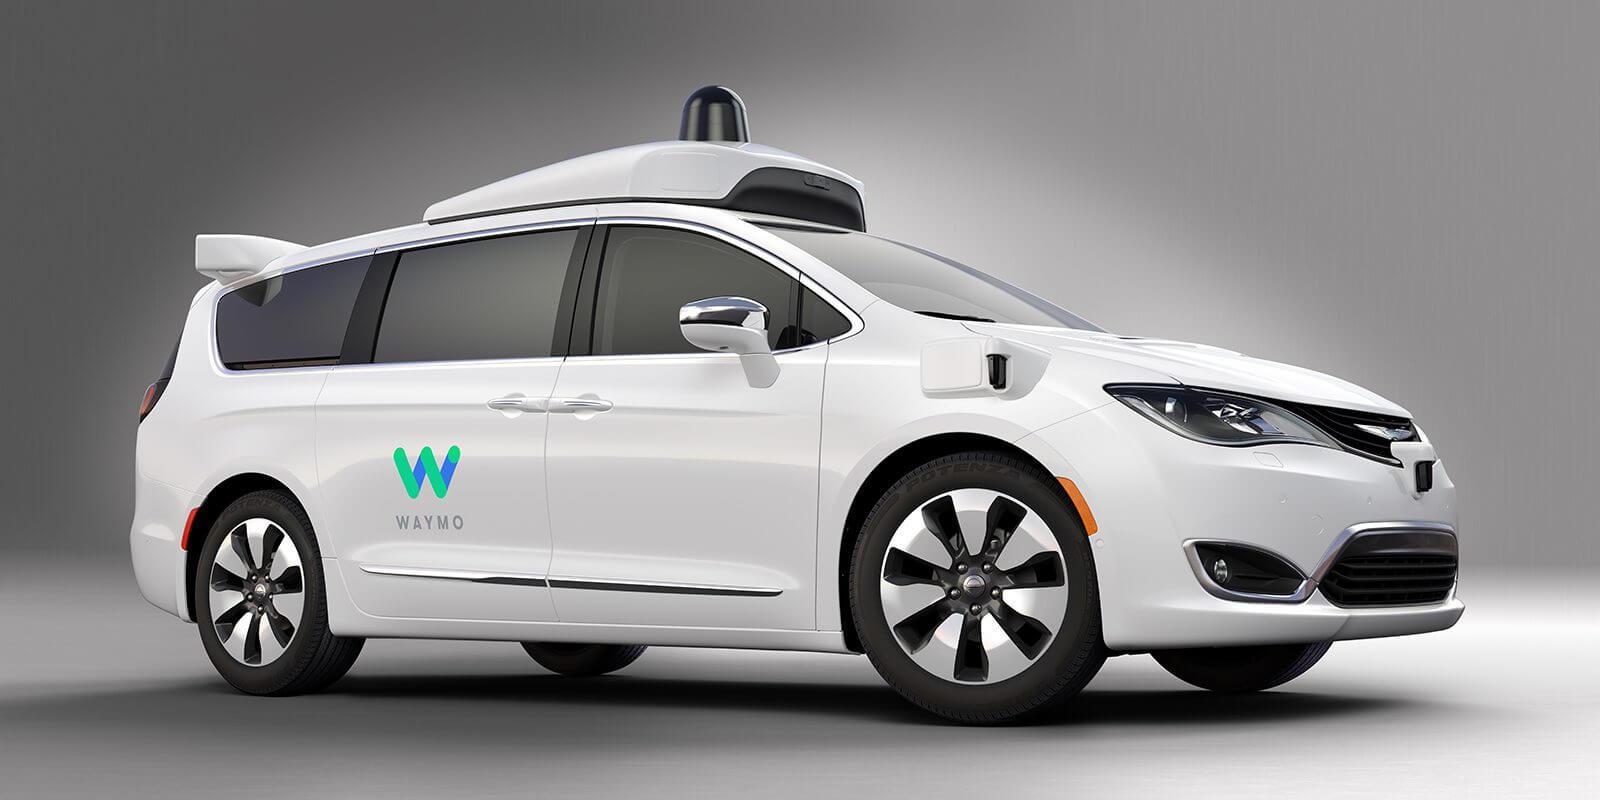 Chrysler Pacifica Hybrid с автономным управлением от Waymo